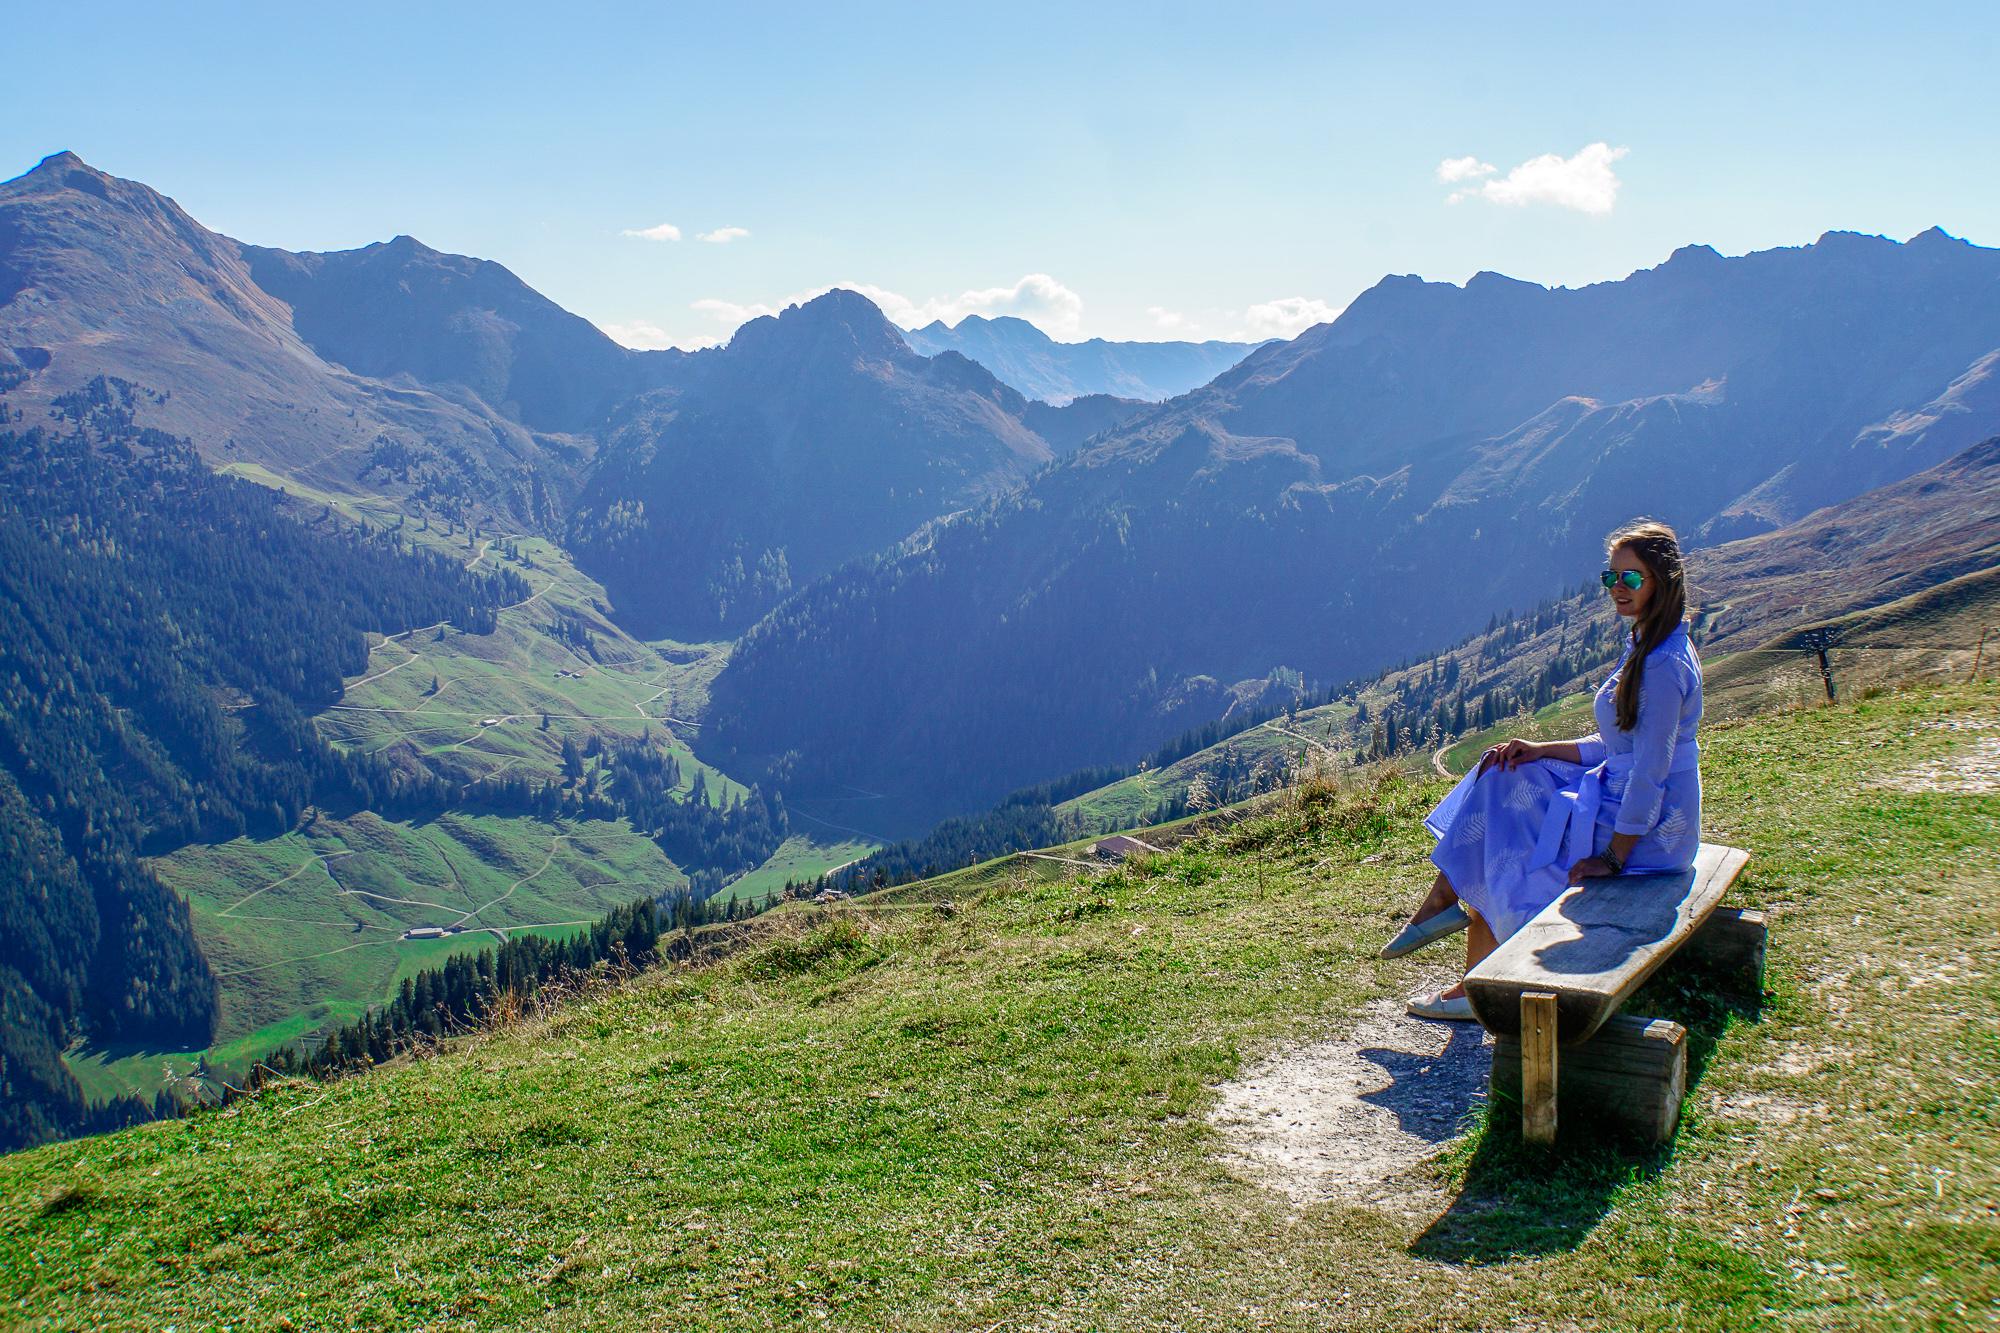 Ich war für ein langes Wochenende zu Gast im Hotel Der Alpbacherhof. Heute erzähle ich euch von meinen Erfahrungen mit dem Wellnesshotel in Alpbach, Tirol.